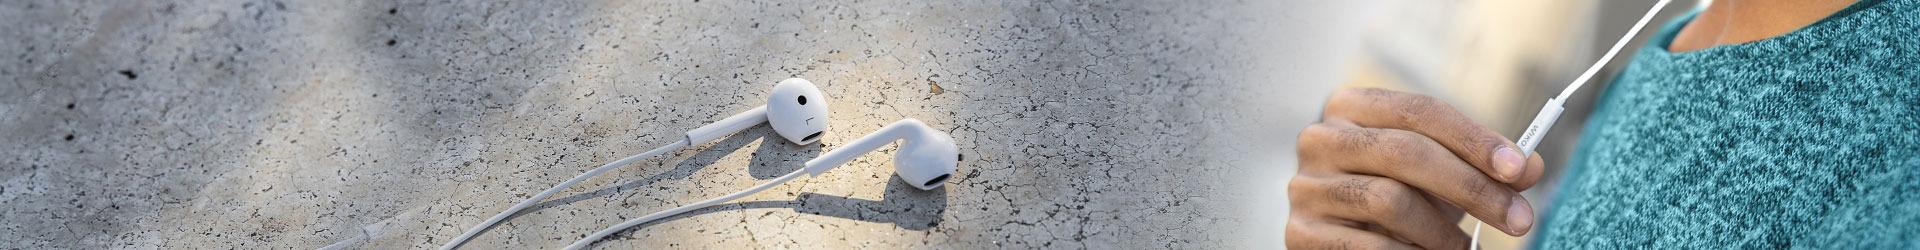 wired_earphones